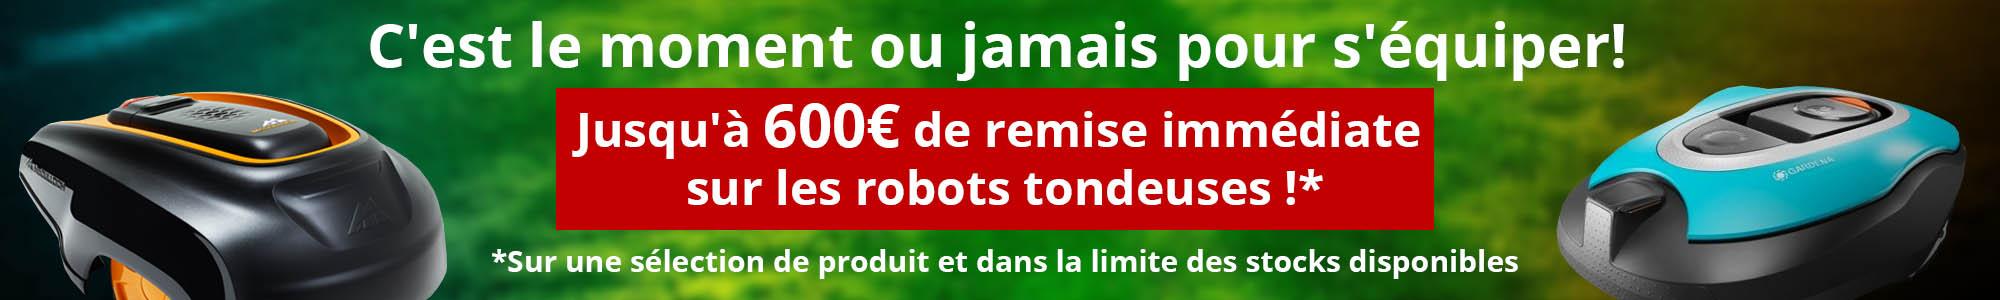 C'est le moment ou jamais pour s'équiper! Jusqu'à 500€ de remise immédiate sur les robots tondeuses !